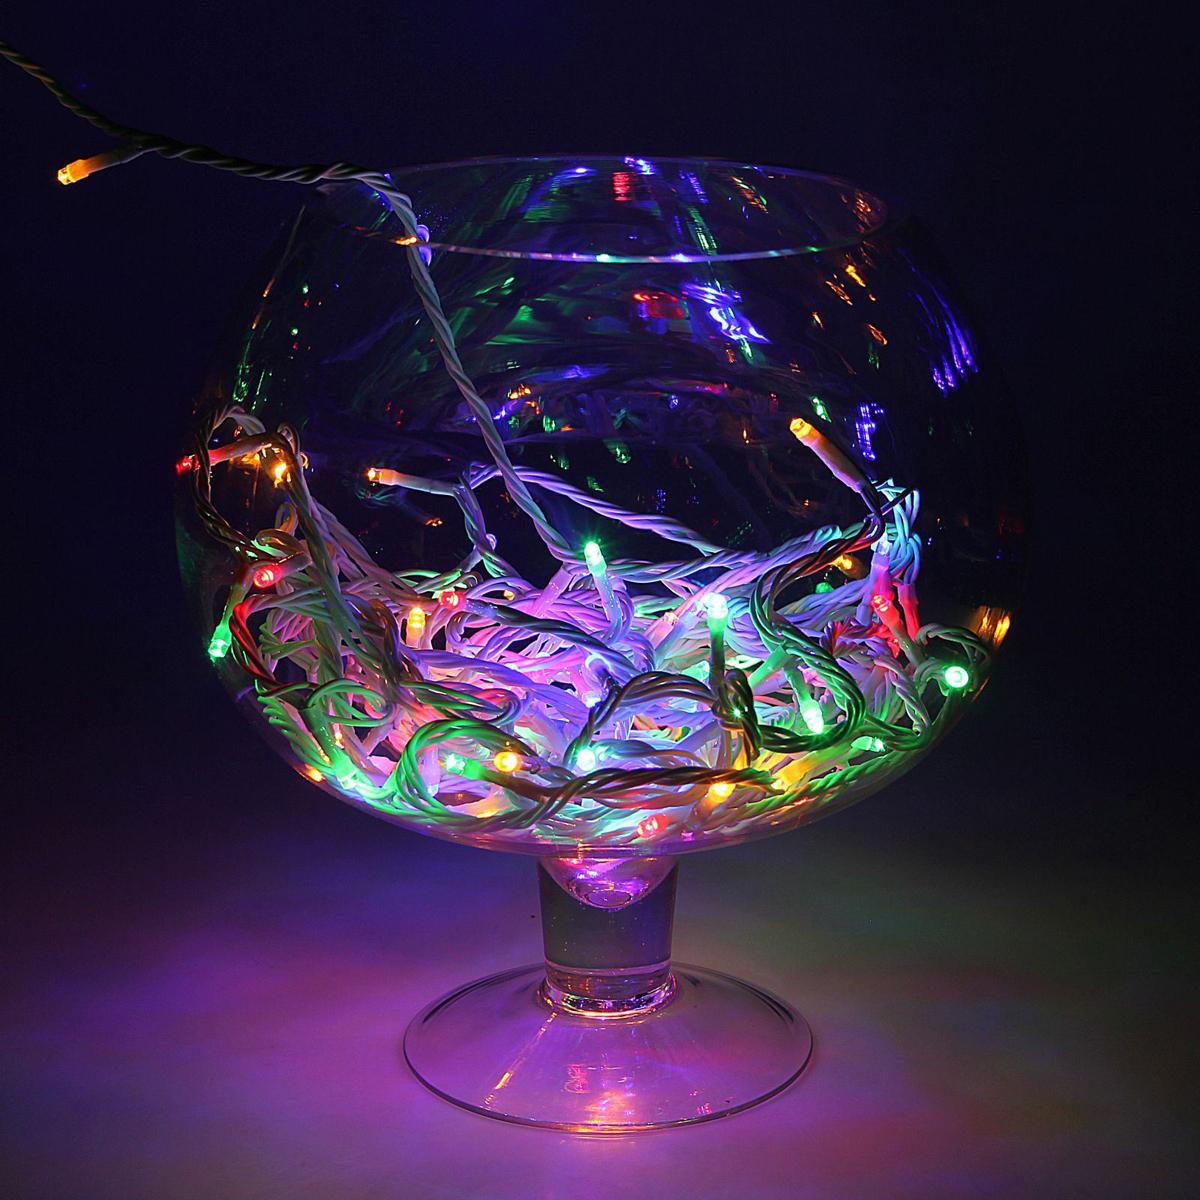 Гирлянда светодиодная Luazon Метраж, цвет: мультиколор, 100 ламп, 24 V, длина 10 м. 16720371672037Светодиодные гирлянды и ленты — это отличный вариант для новогоднего оформления интерьера или фасада. С их помощью помещение любого размера можно превратить в праздничный зал, а внешние элементы зданий, украшенные ими, мгновенно станут напоминать очертания сказочного дворца. Такие украшения создают ауру предвкушения чуда. Деревья, фасады, витрины, окна и арки будто специально созданы, чтобы вы украсили их светящимися нитями.